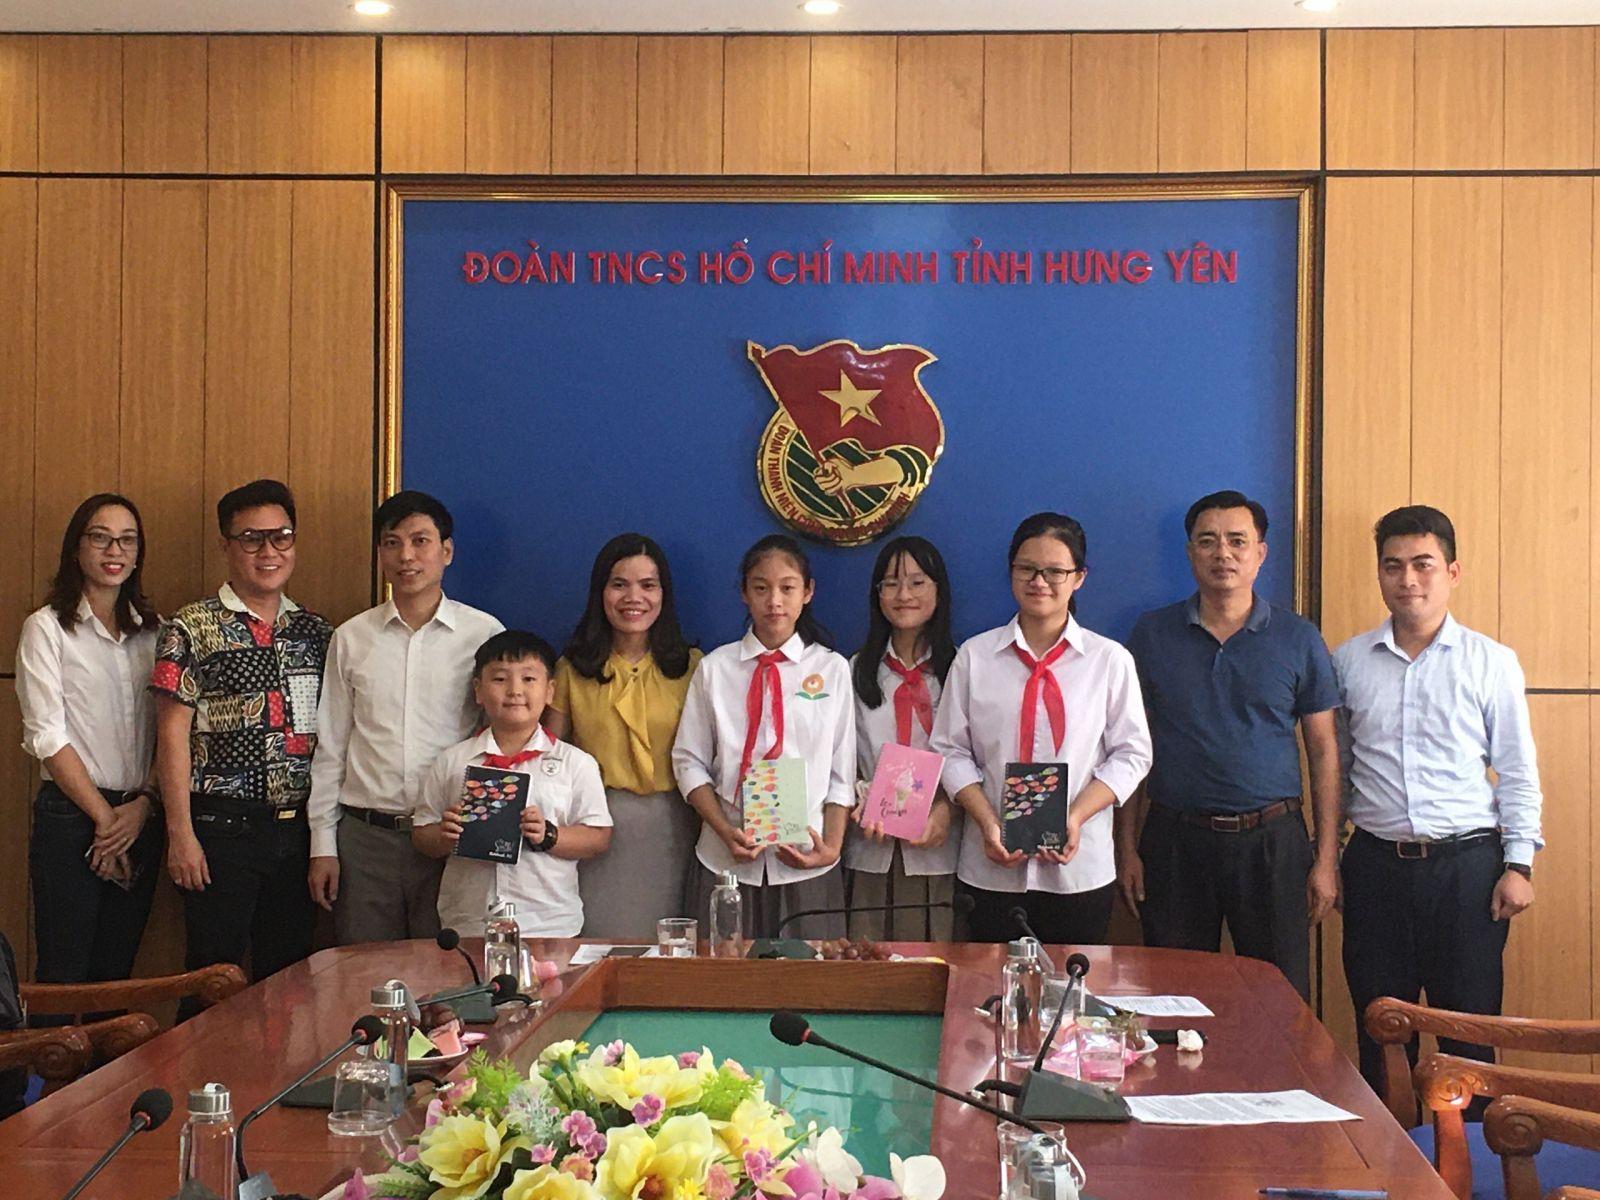 Hưng Yên: gặp mặt Đoàn Đại biểu thiếu nhi tham dự Đại hội Cháu ngoan Bác Hồ toàn quốc lần thứ IX, năm 2020